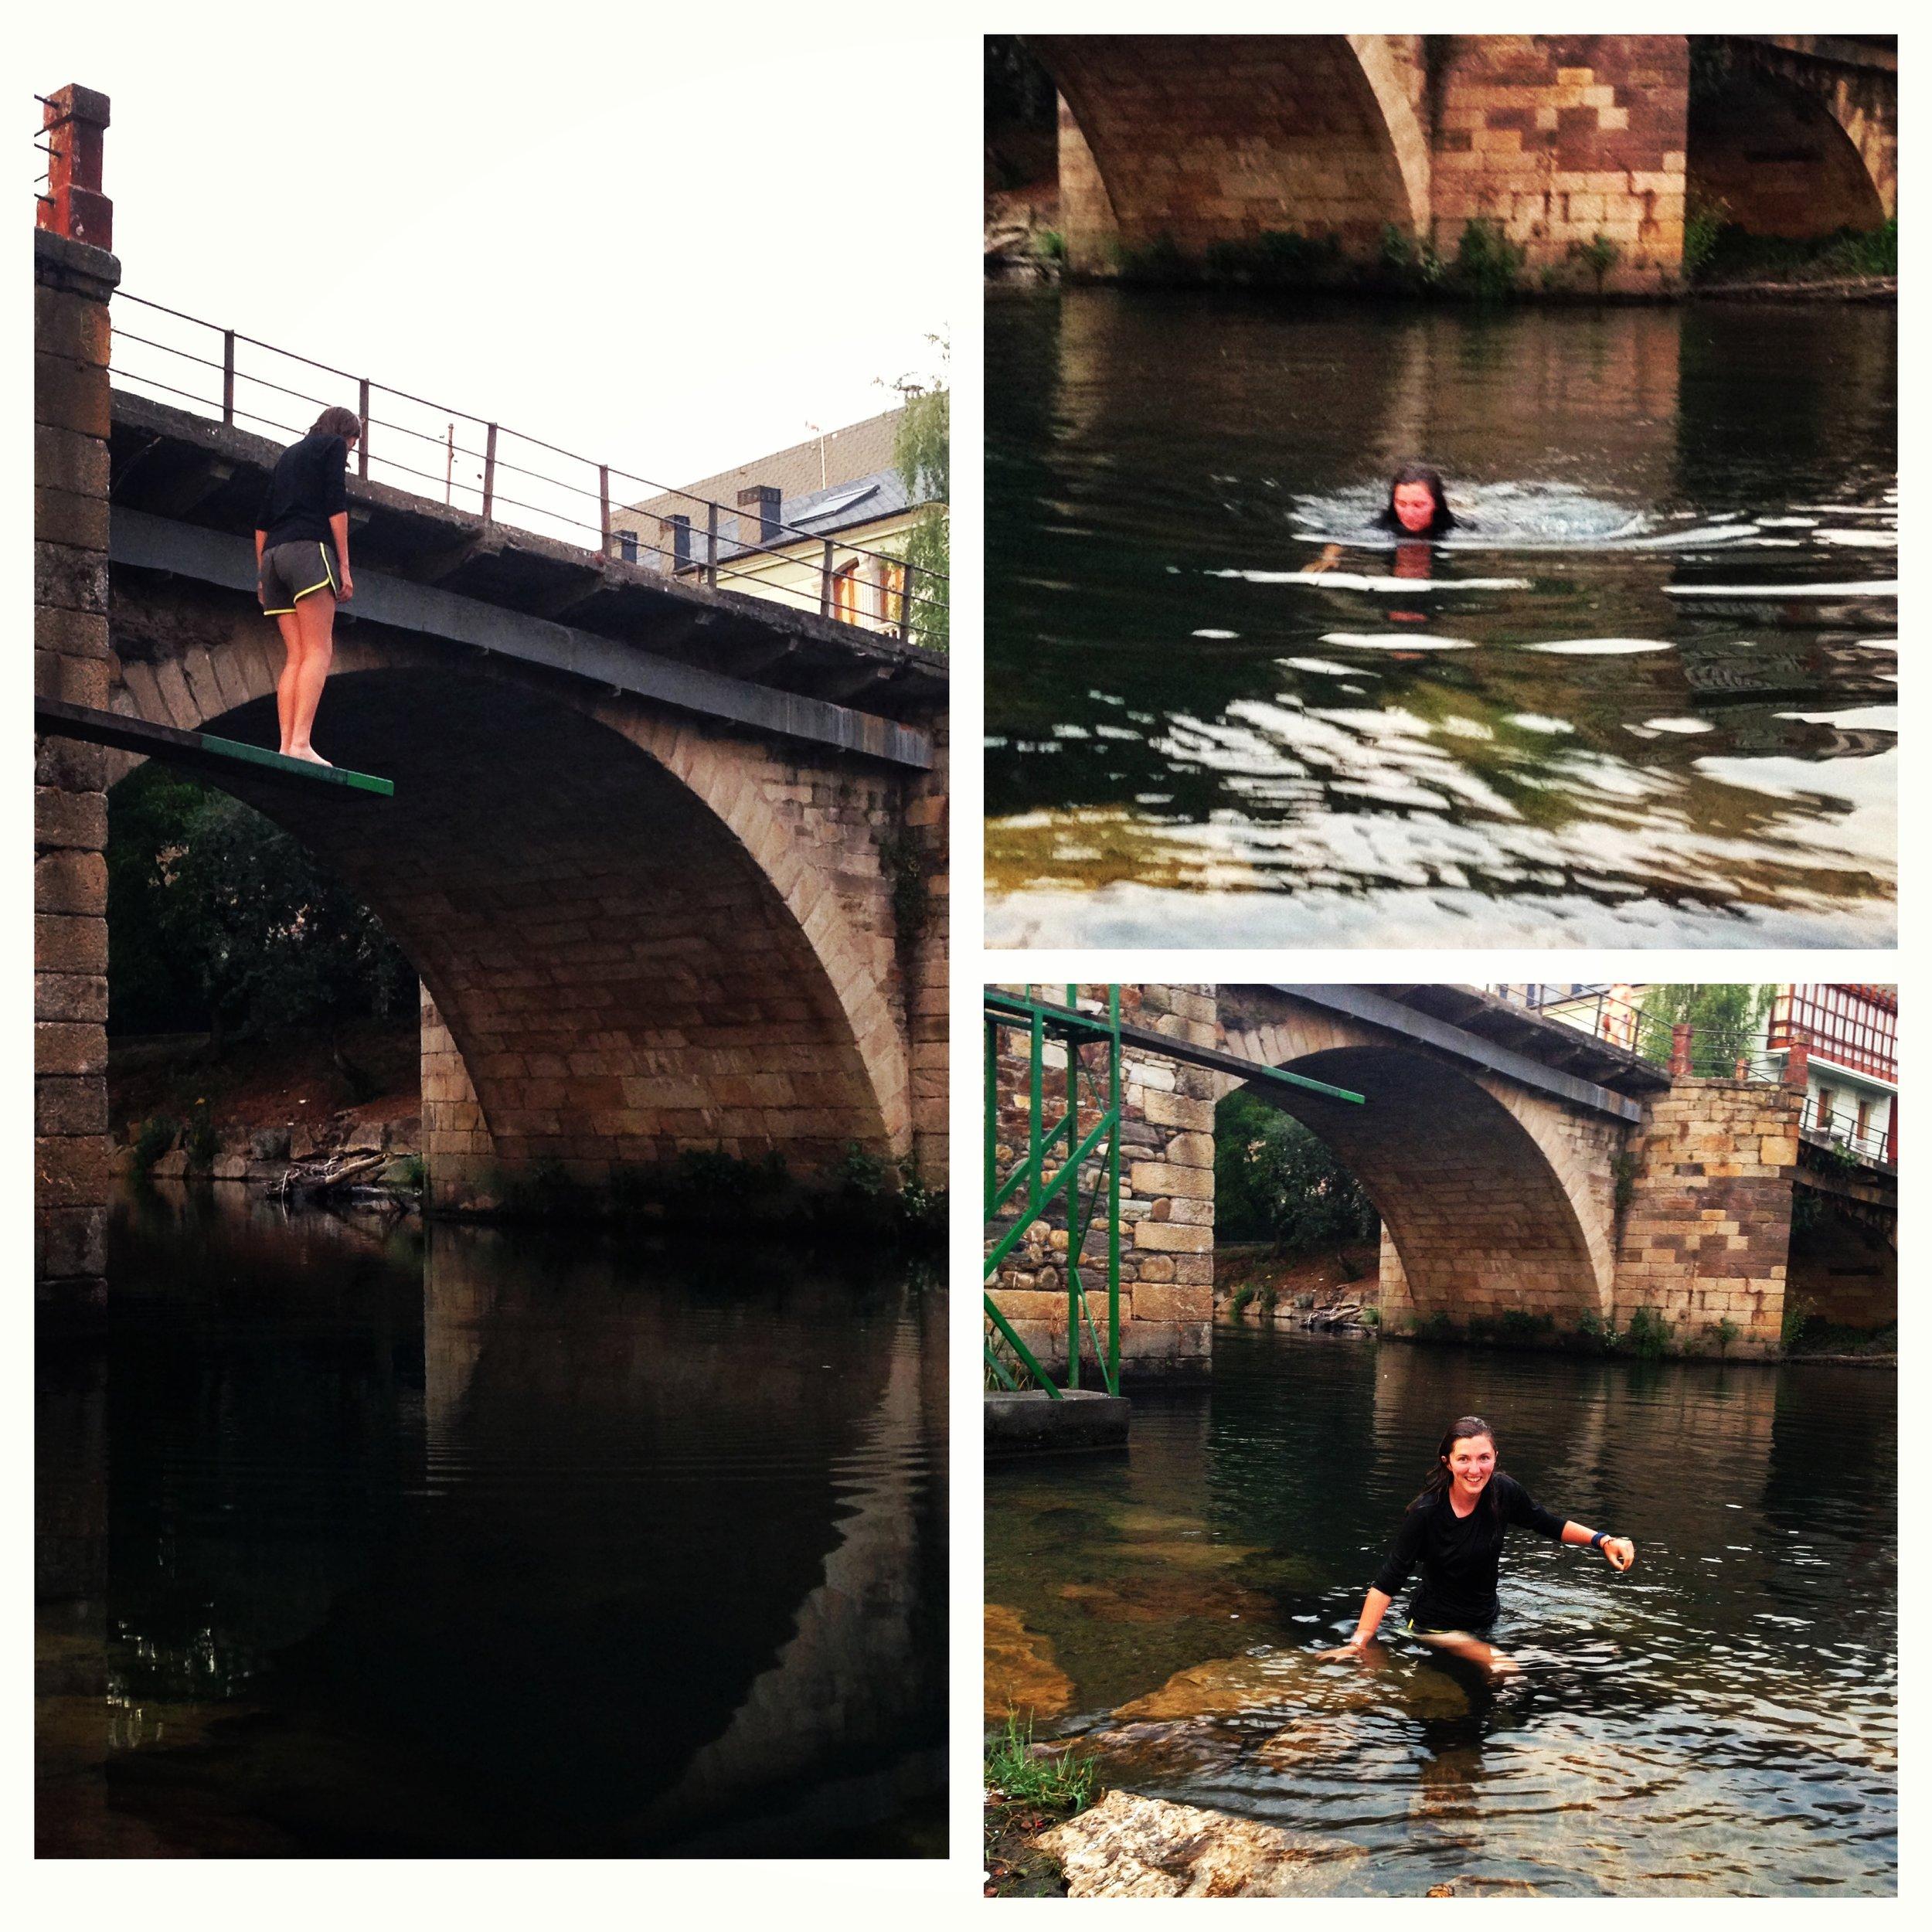 0712-Lindsay-in-River.jpg